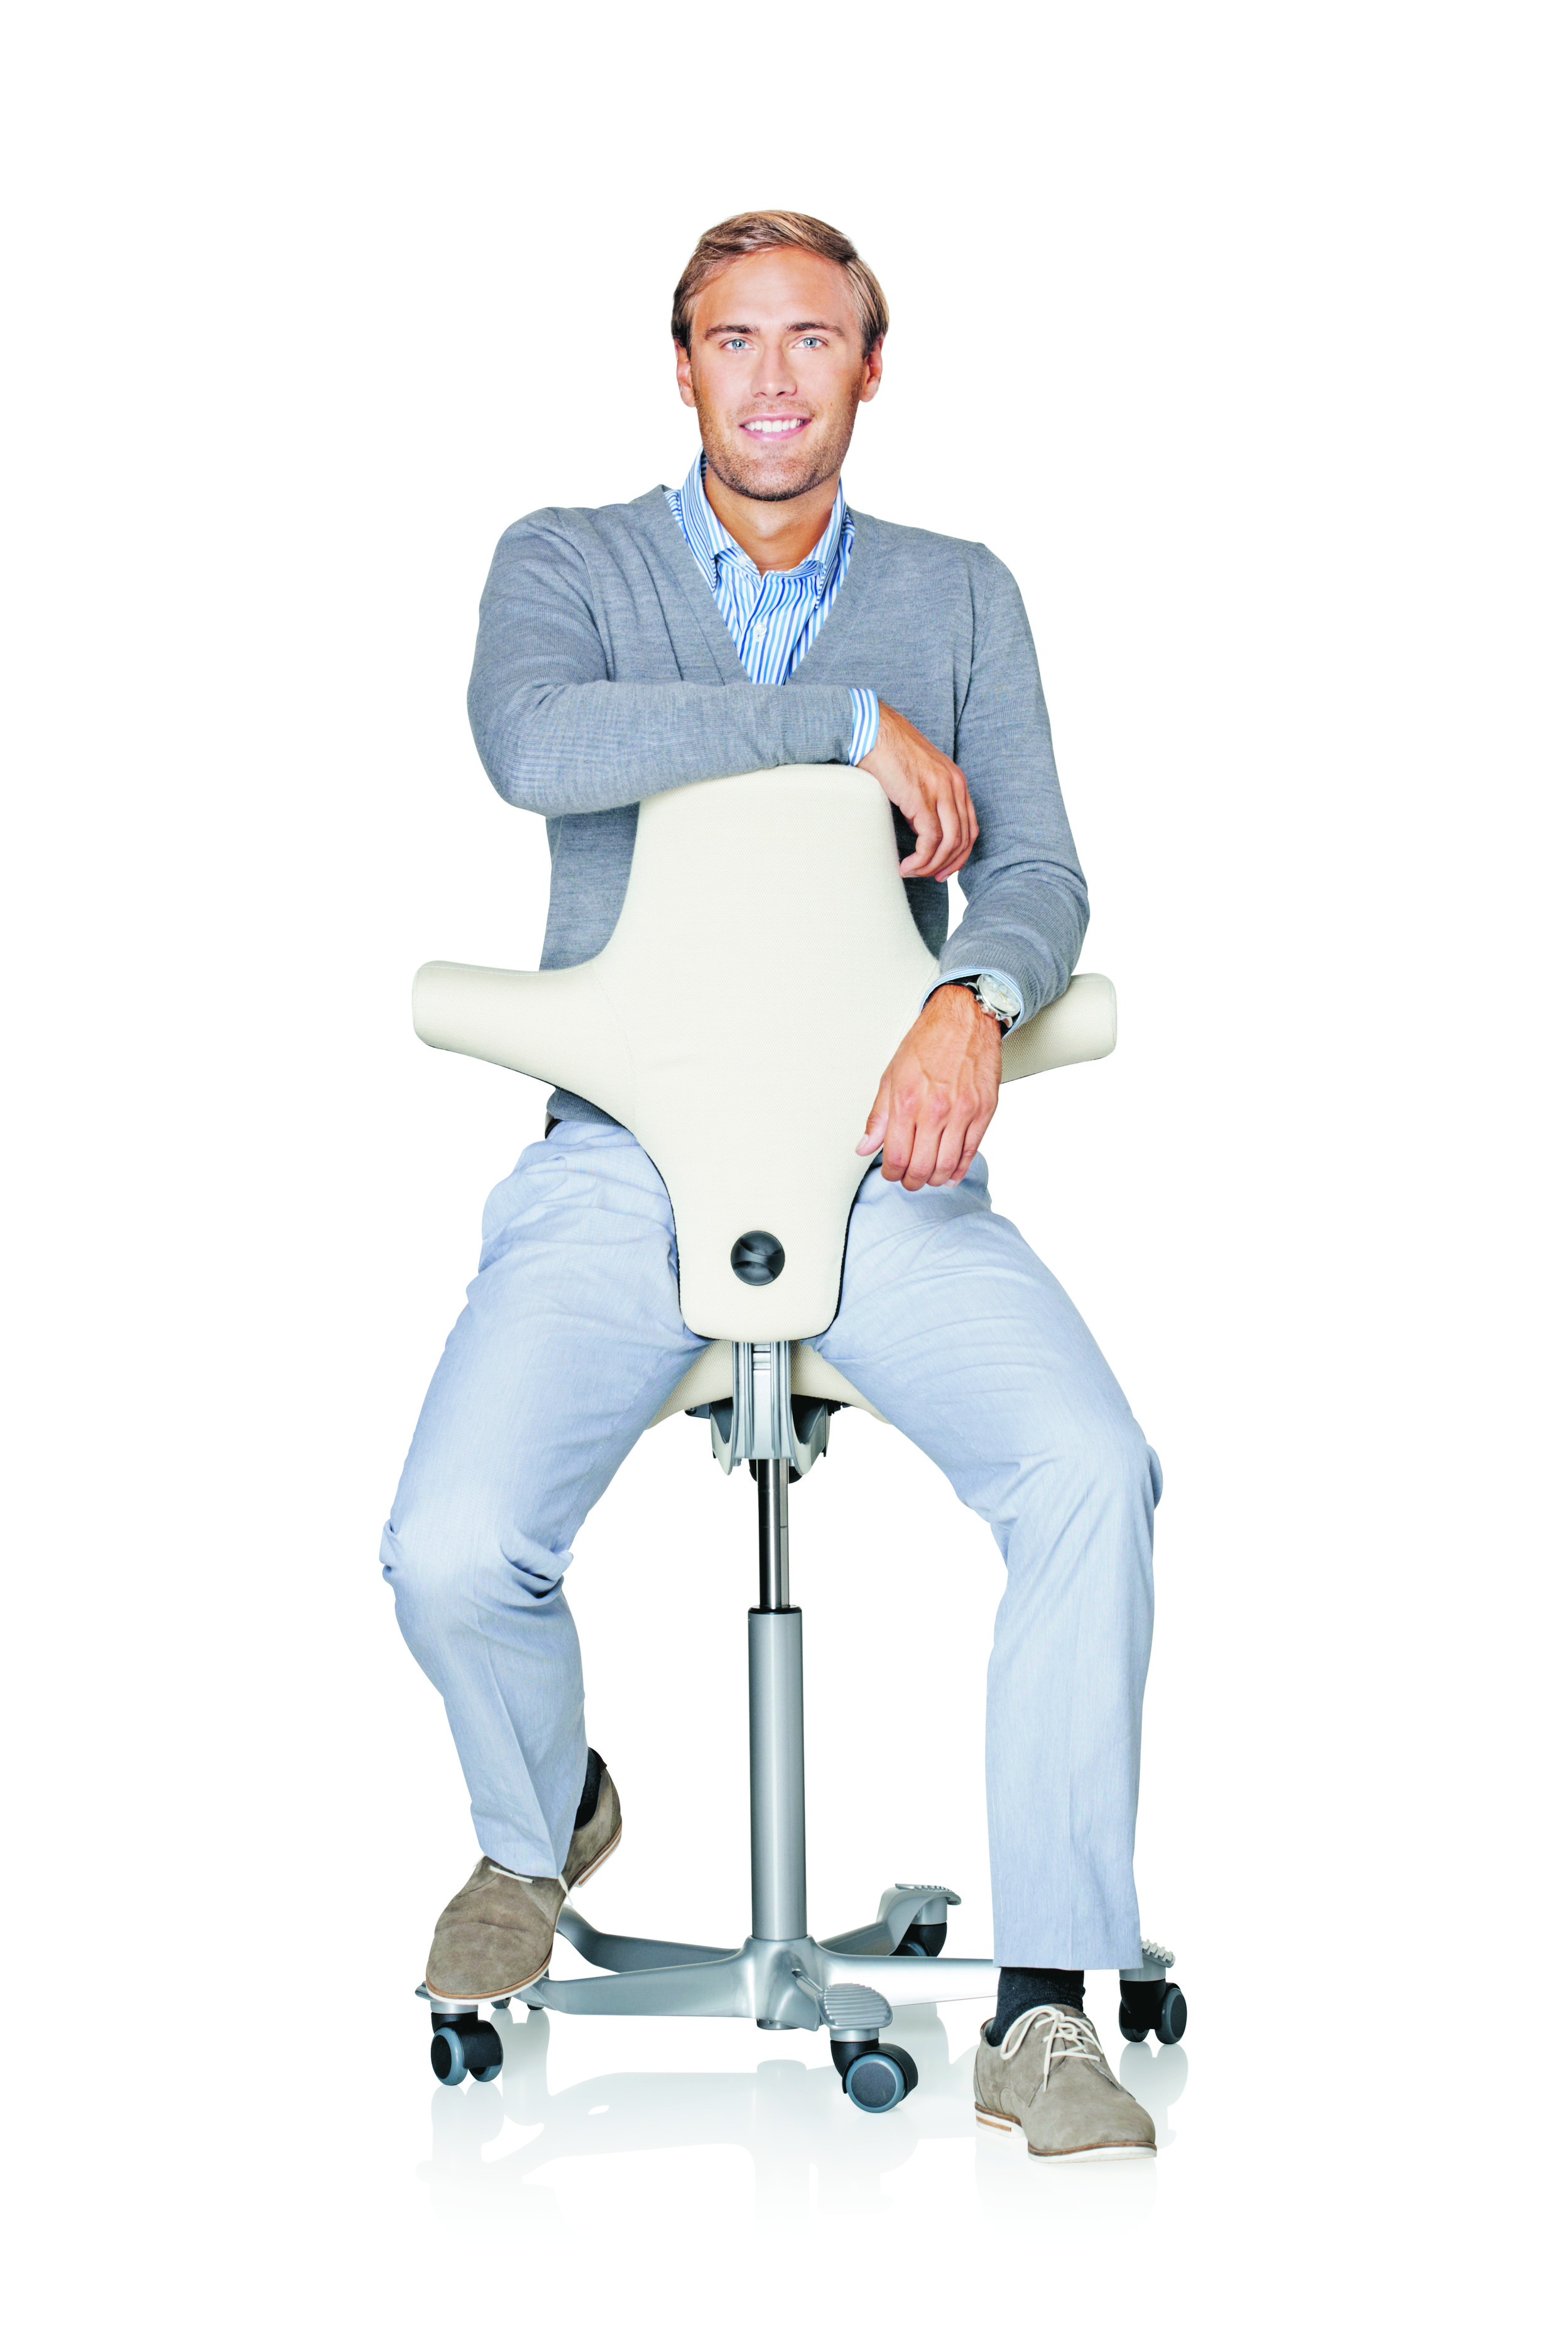 Ergonomico ¨ una parola molto di moda Tanti strumenti vengono definiti pi¹ o meno a proposito ergonomici se tastiere tavoli tele andi materassi